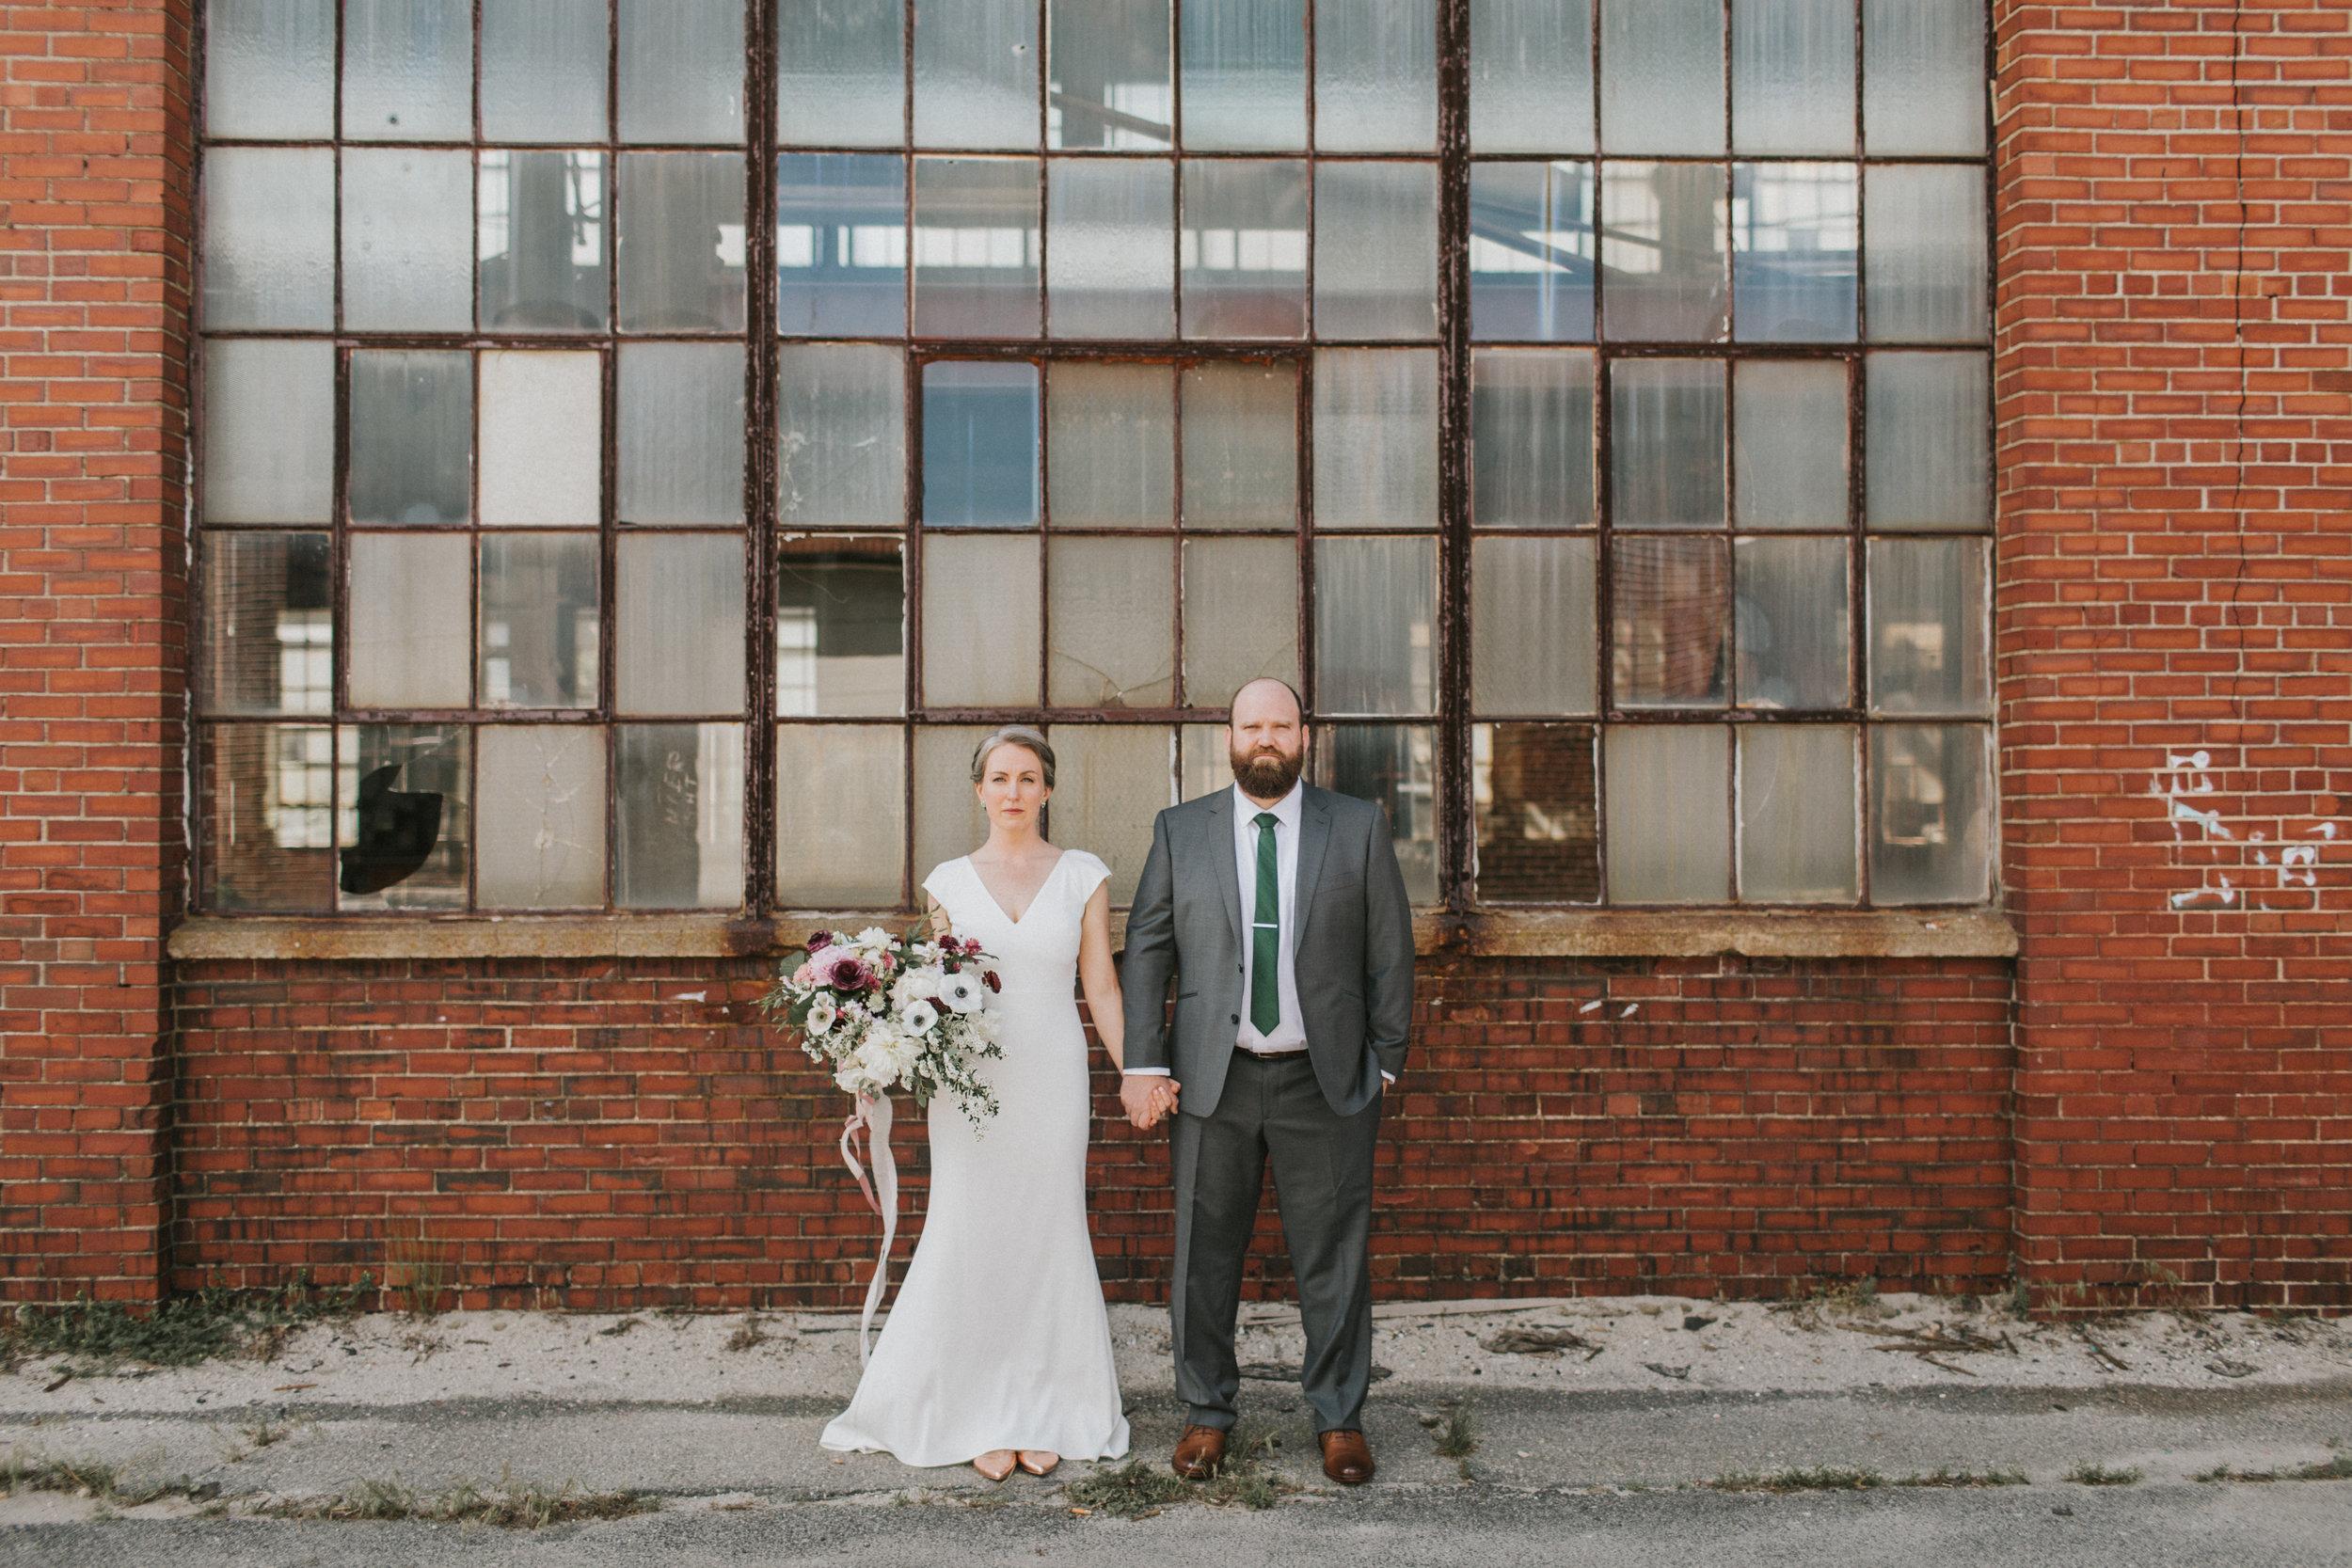 Watershed_Floral_Maine_Wedding_Florist_100.jpg